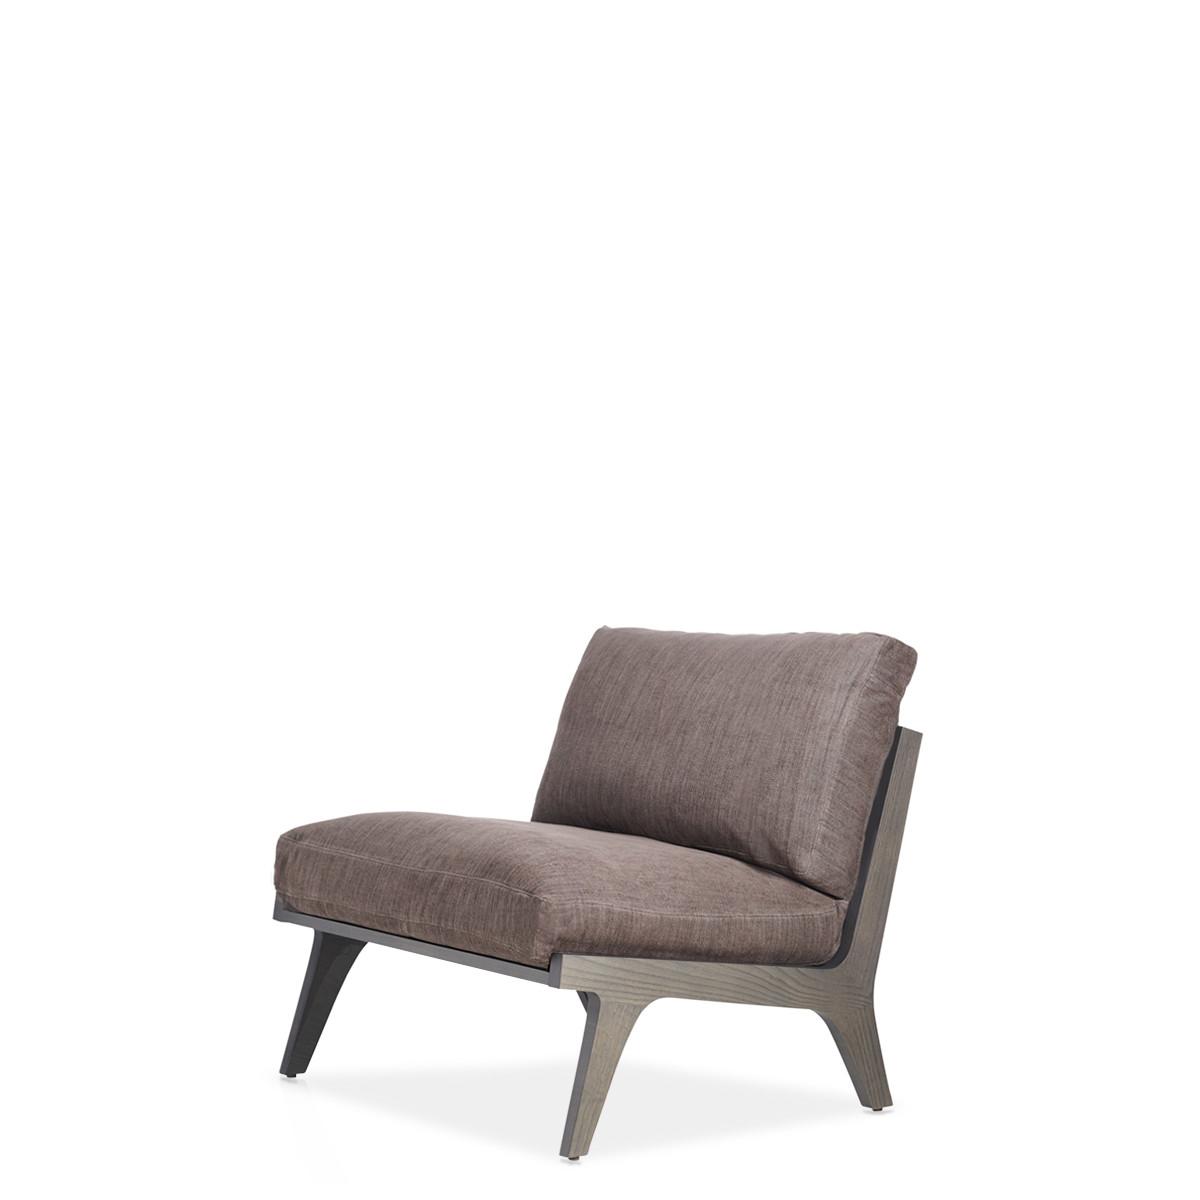 Entdecken Sie bei Conzept Beckord besondere Designmöbel! Hier finden Sie Potocco Sofas und Sessel: ego